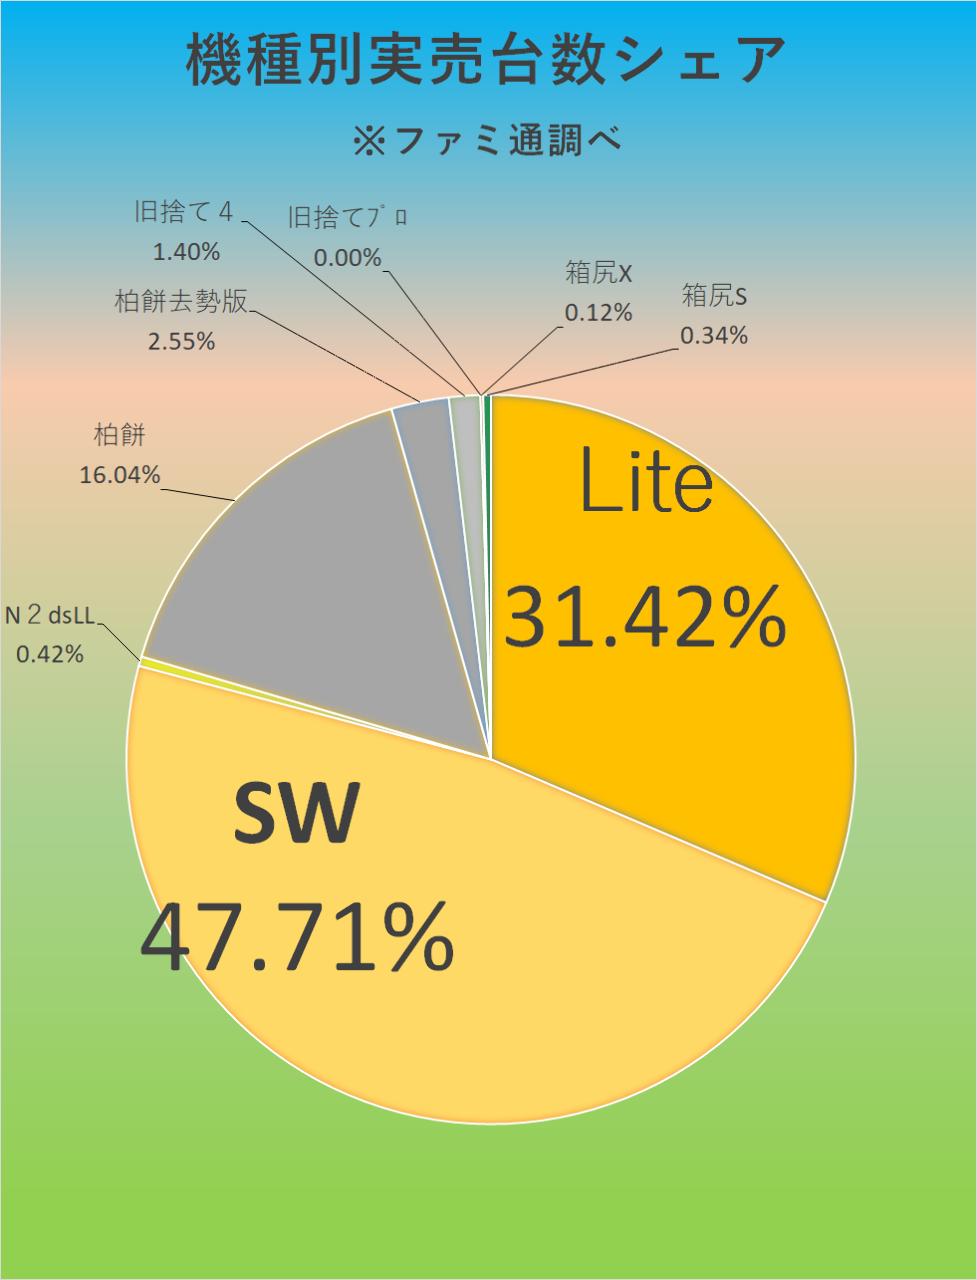 7974 - 任天堂(株) 【 ファミ通実売結果4/12-18 】  SWシリーズ9万4057台!! 柏餅、今週もランクインソフ